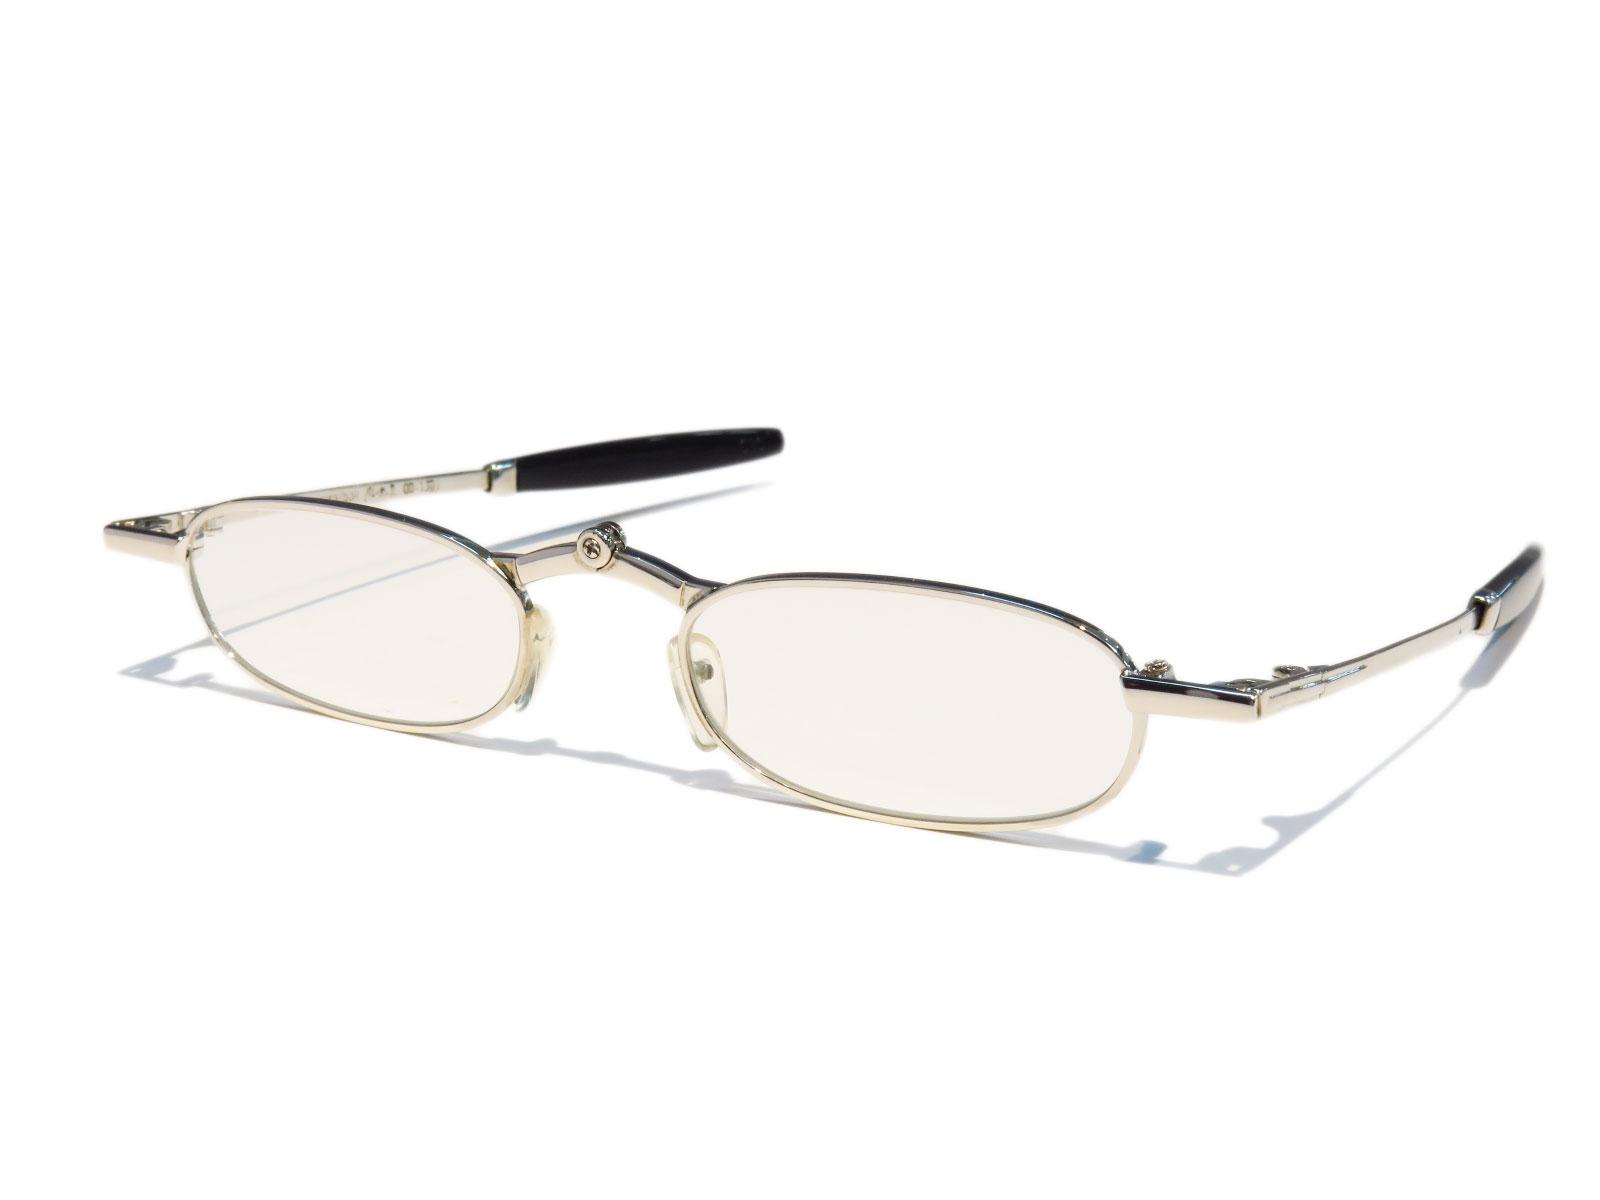 既製老眼鏡 折りたたむとコンパクトな名刺サイズ OP1301